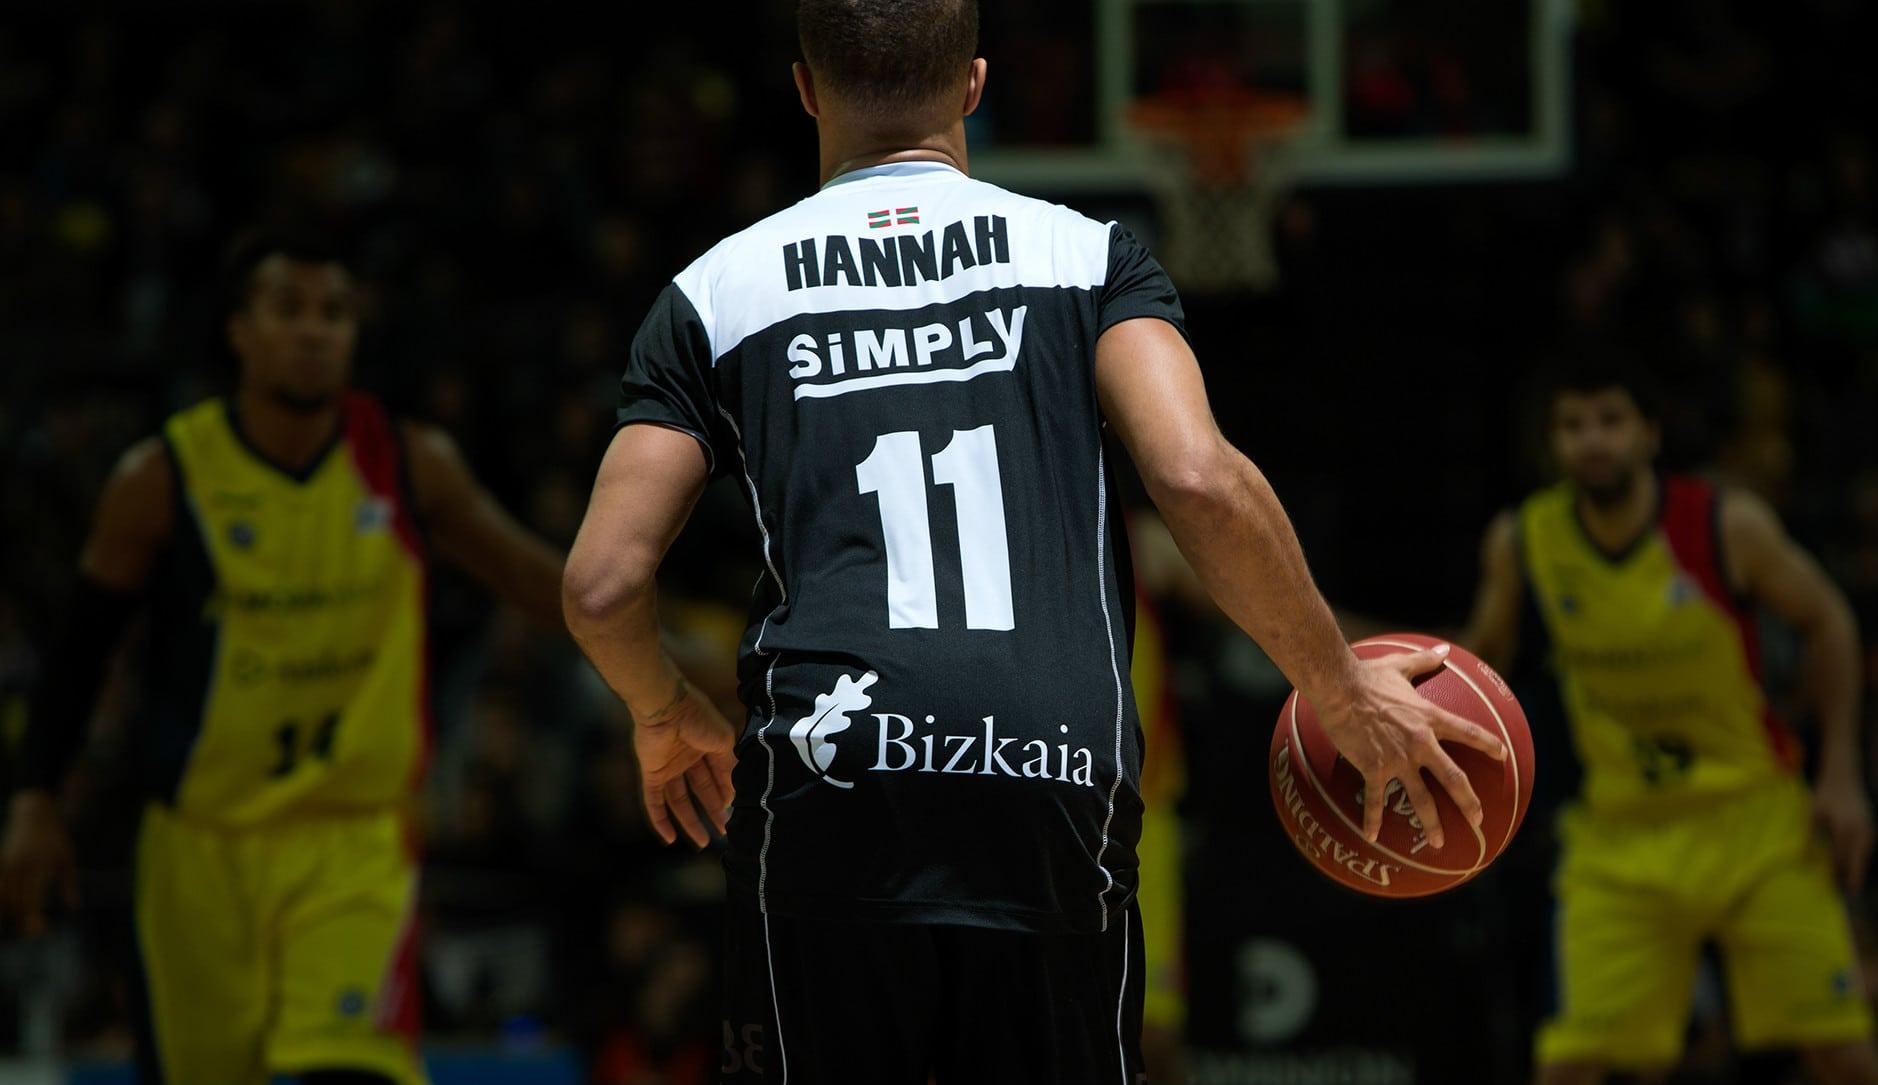 El Murcia ficha al recambio para Campazzo: Clevin Hannah firma un año y vuelve a ACB